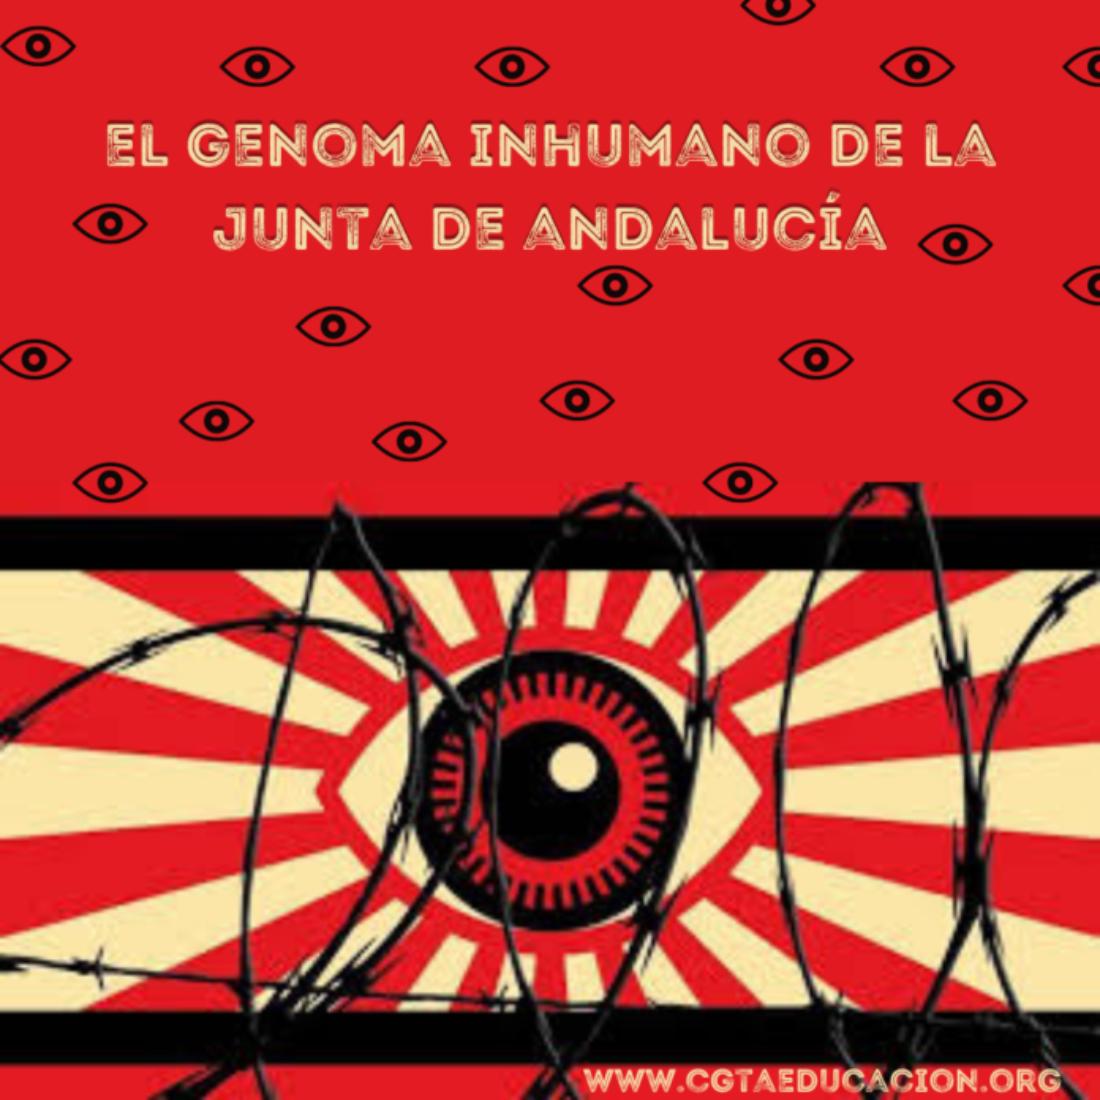 El genoma inhumano de la Junta de Andalucía